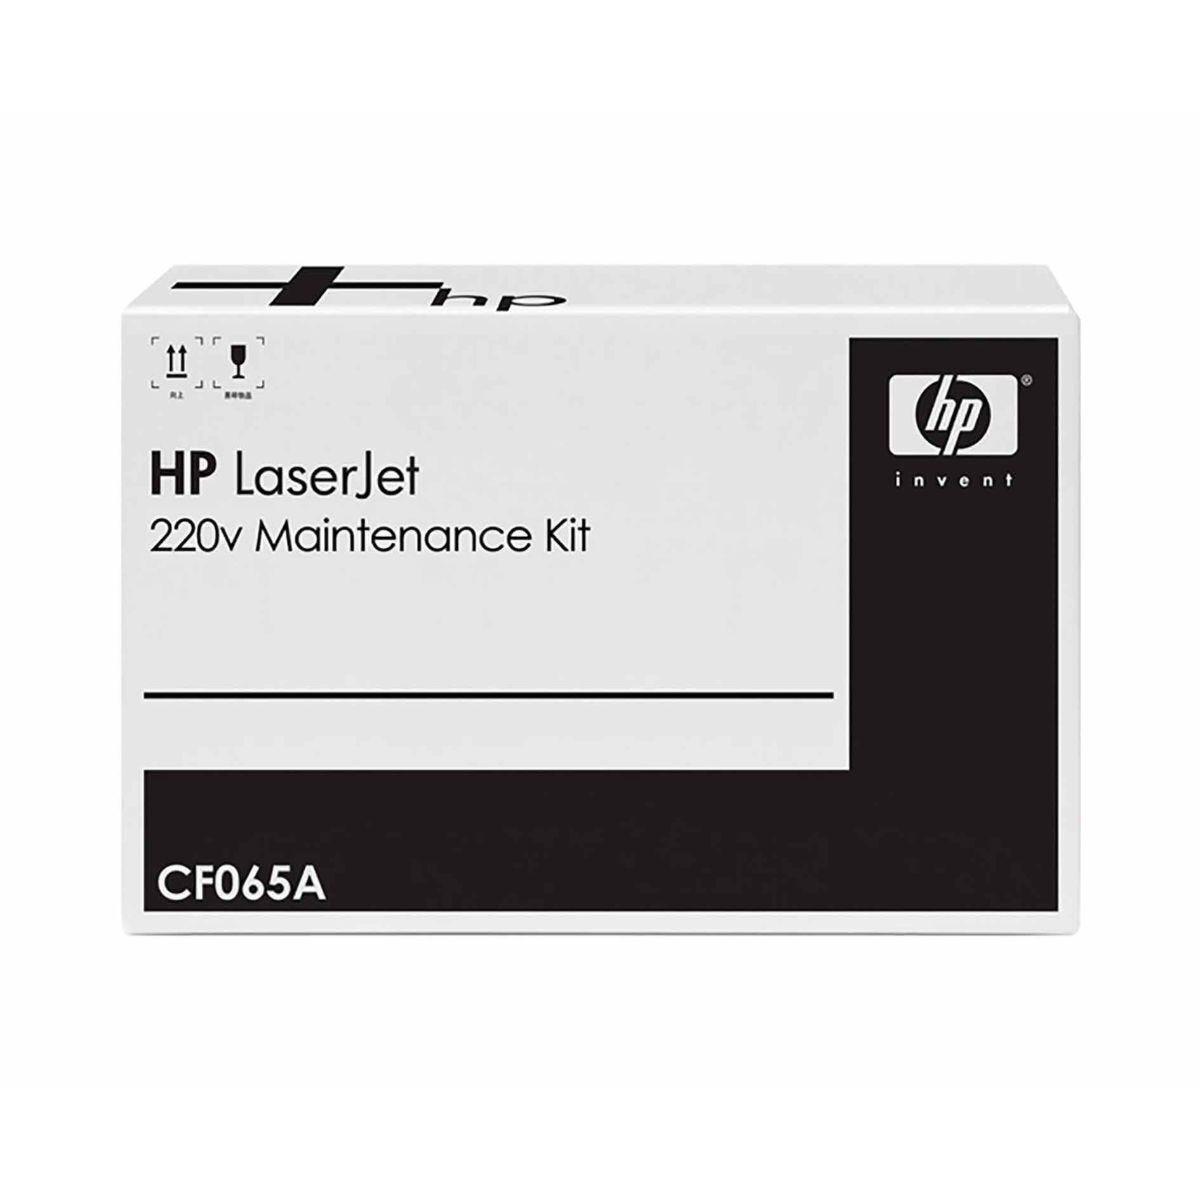 HP M603N Kit Ink Magenta